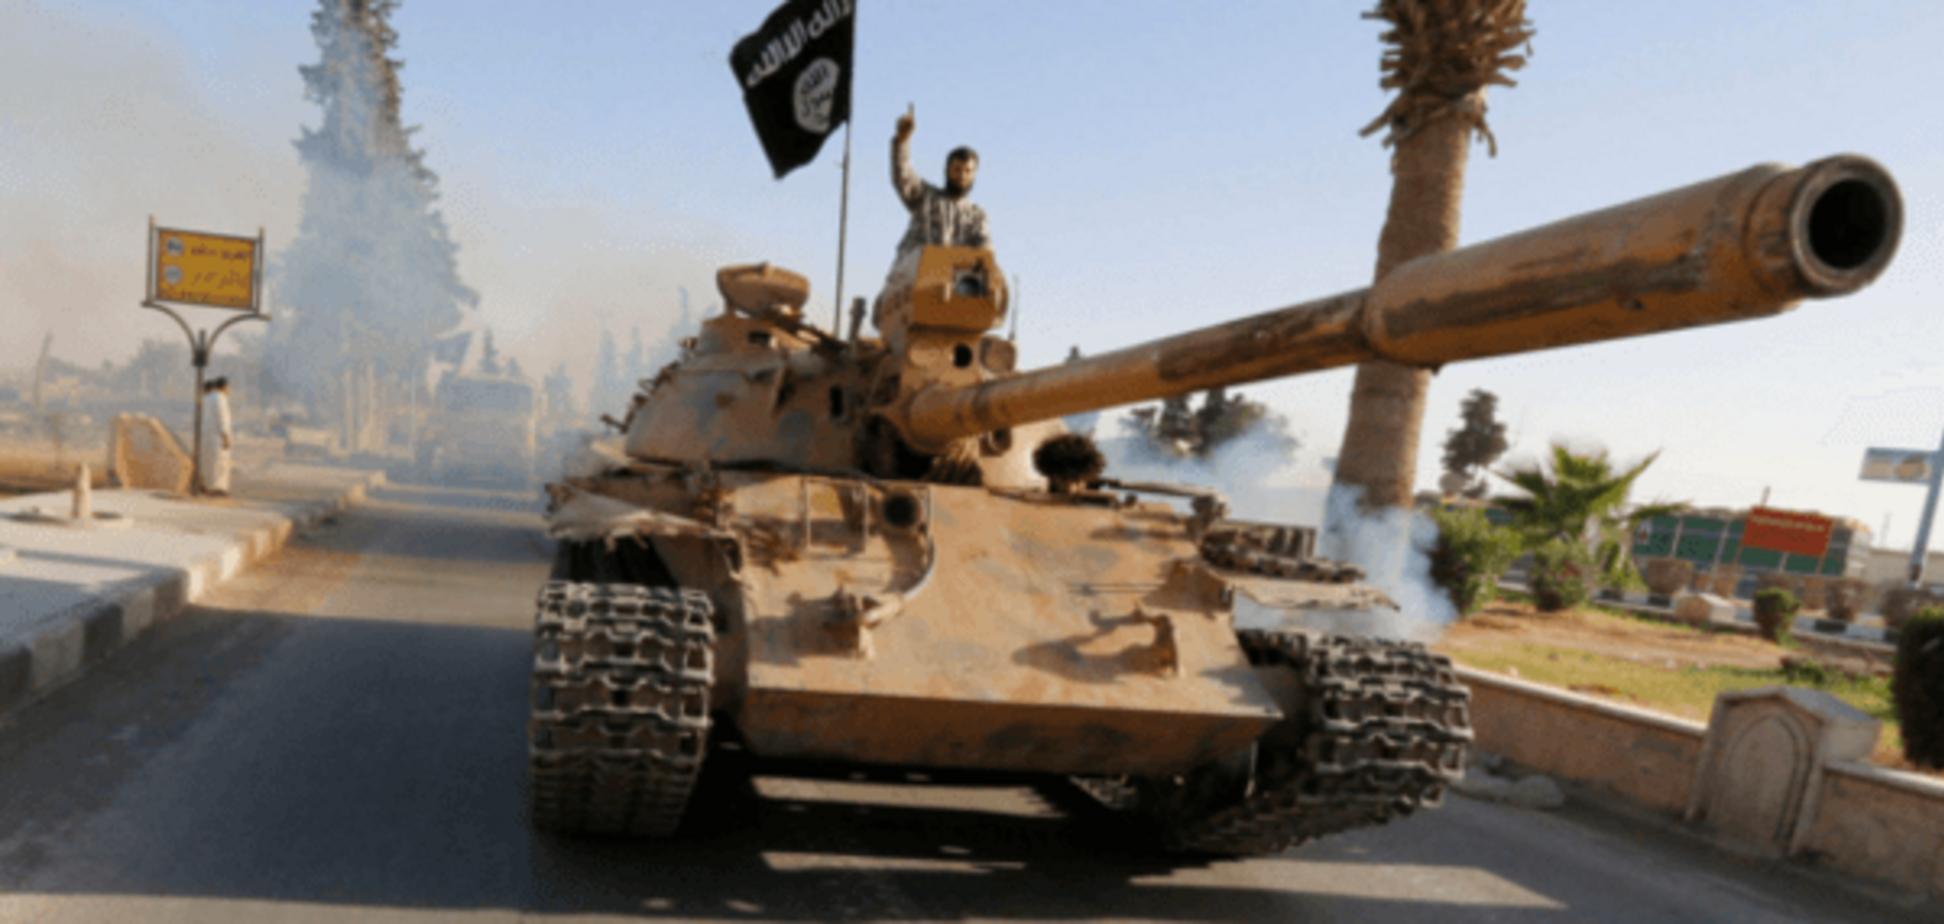 Названы источники финансирования террористов ИГИЛ